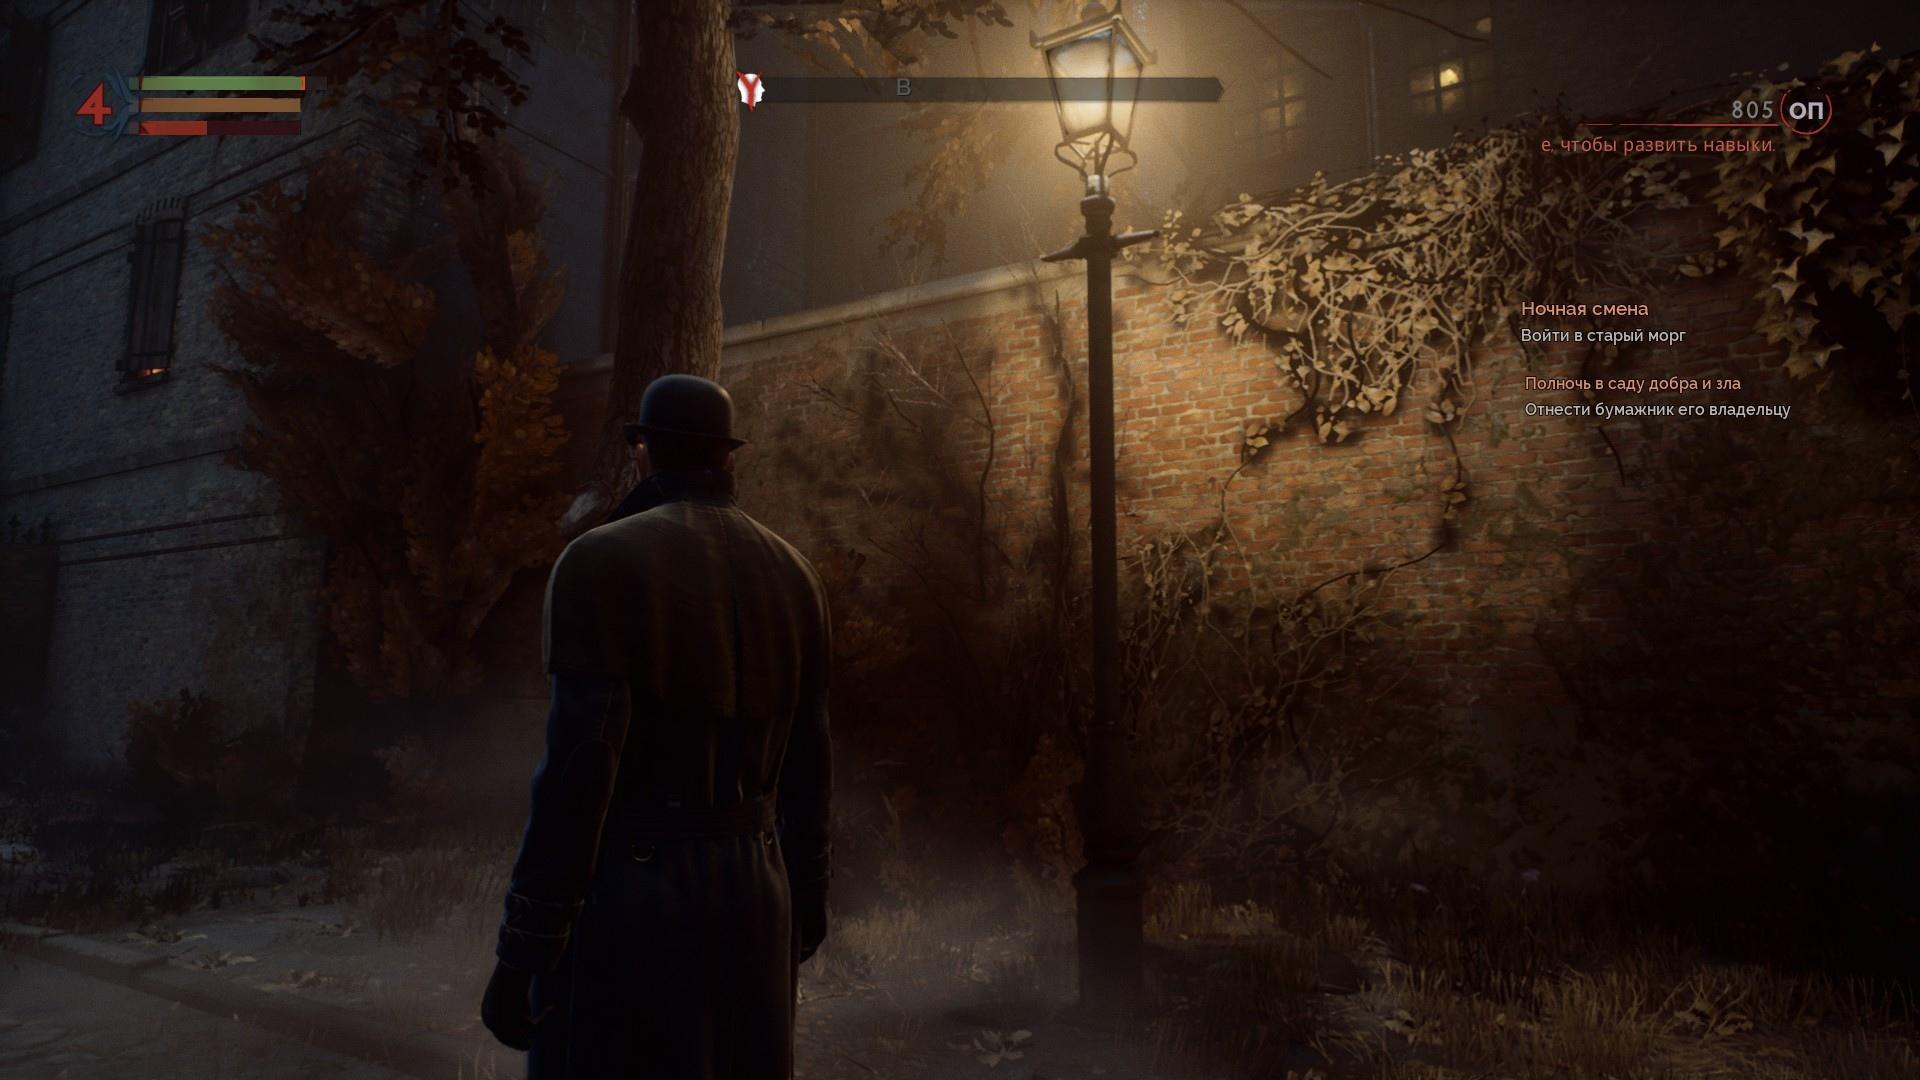 吸血鬼(Vampyr)免安装中文绿色版|DLC|升级档|网盘下载